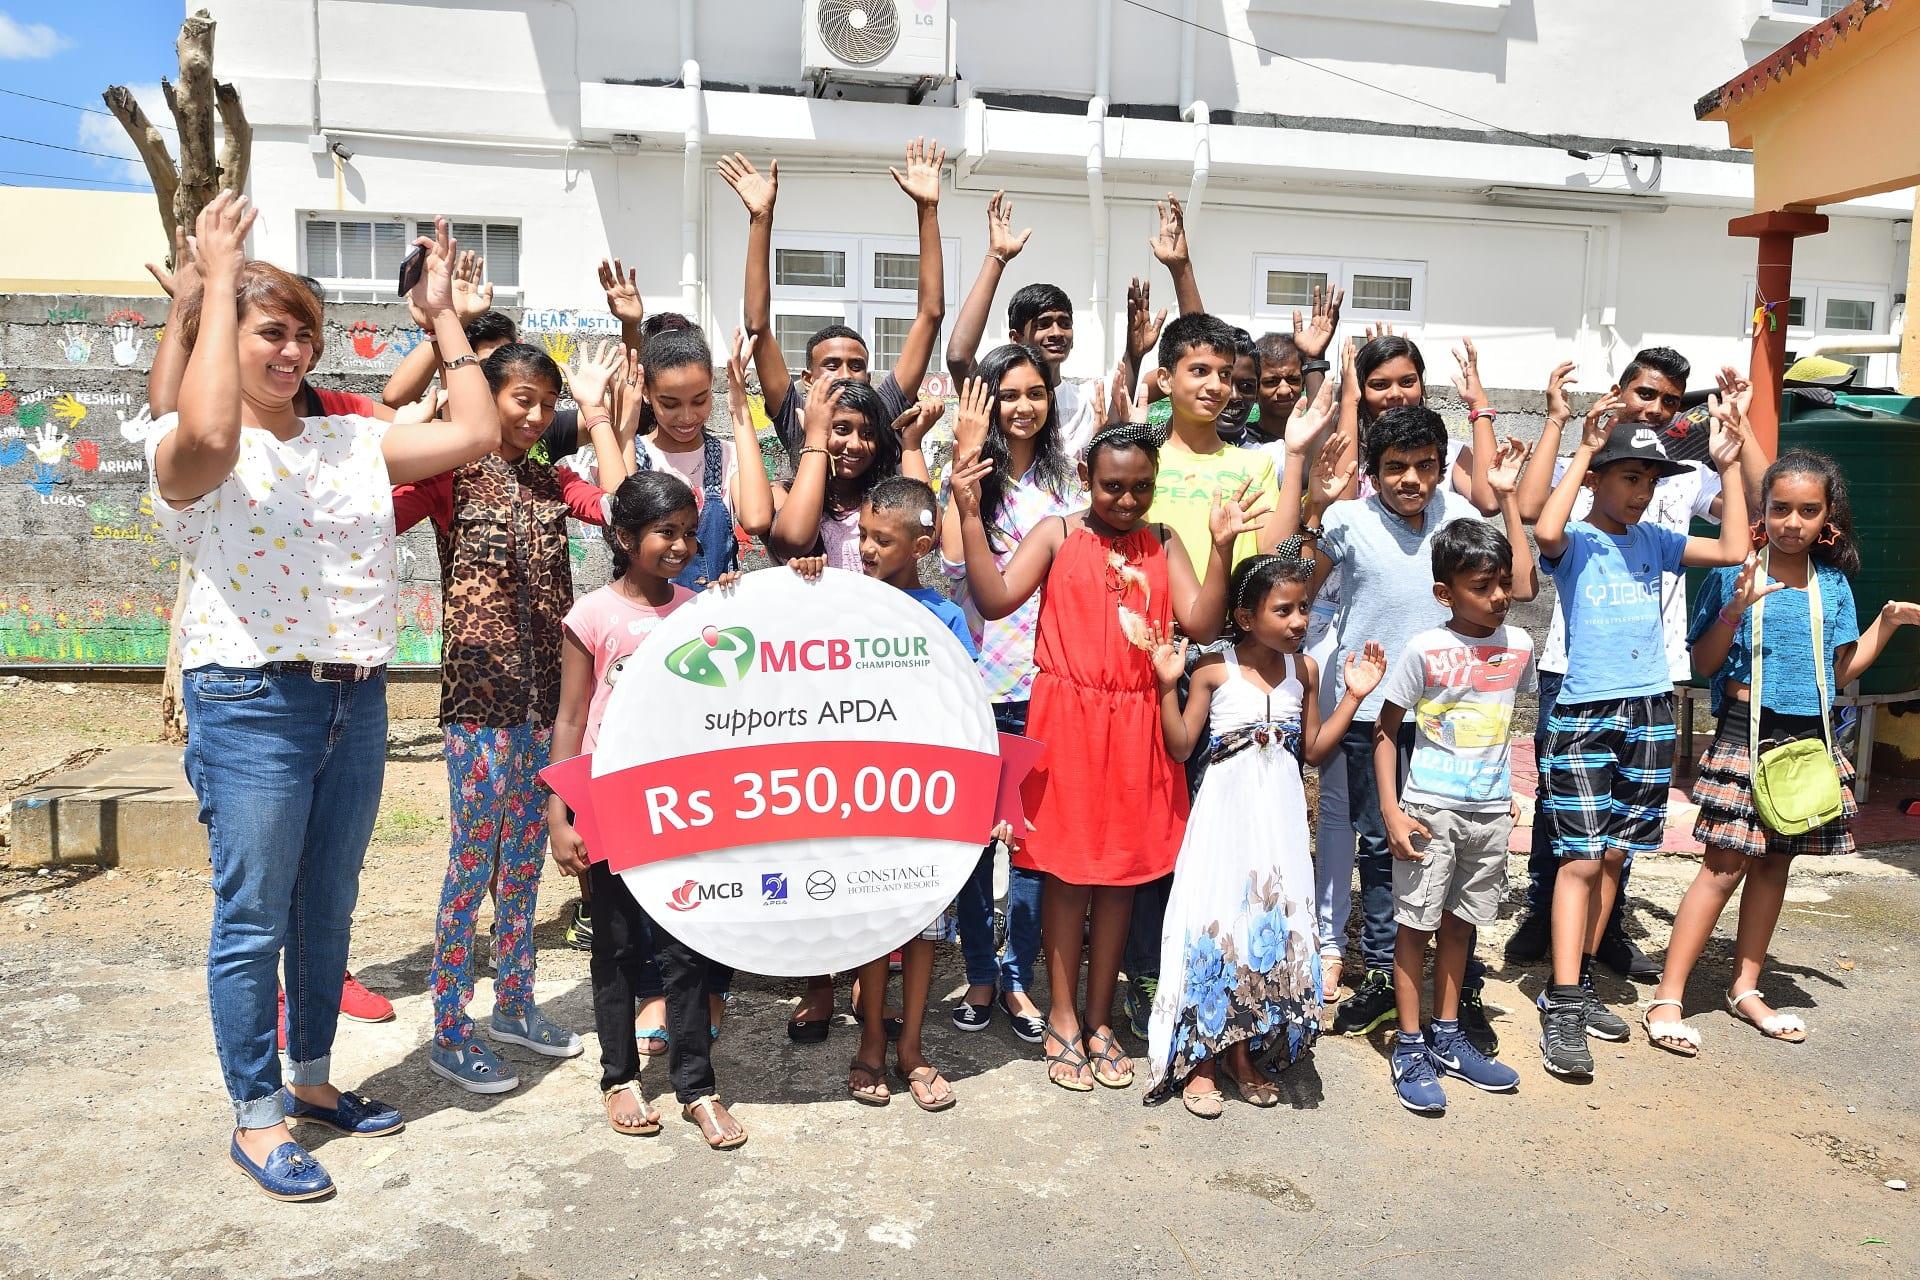 L'APDA reçoit Rs 350 000 récoltées lors du MCB Tour Championship